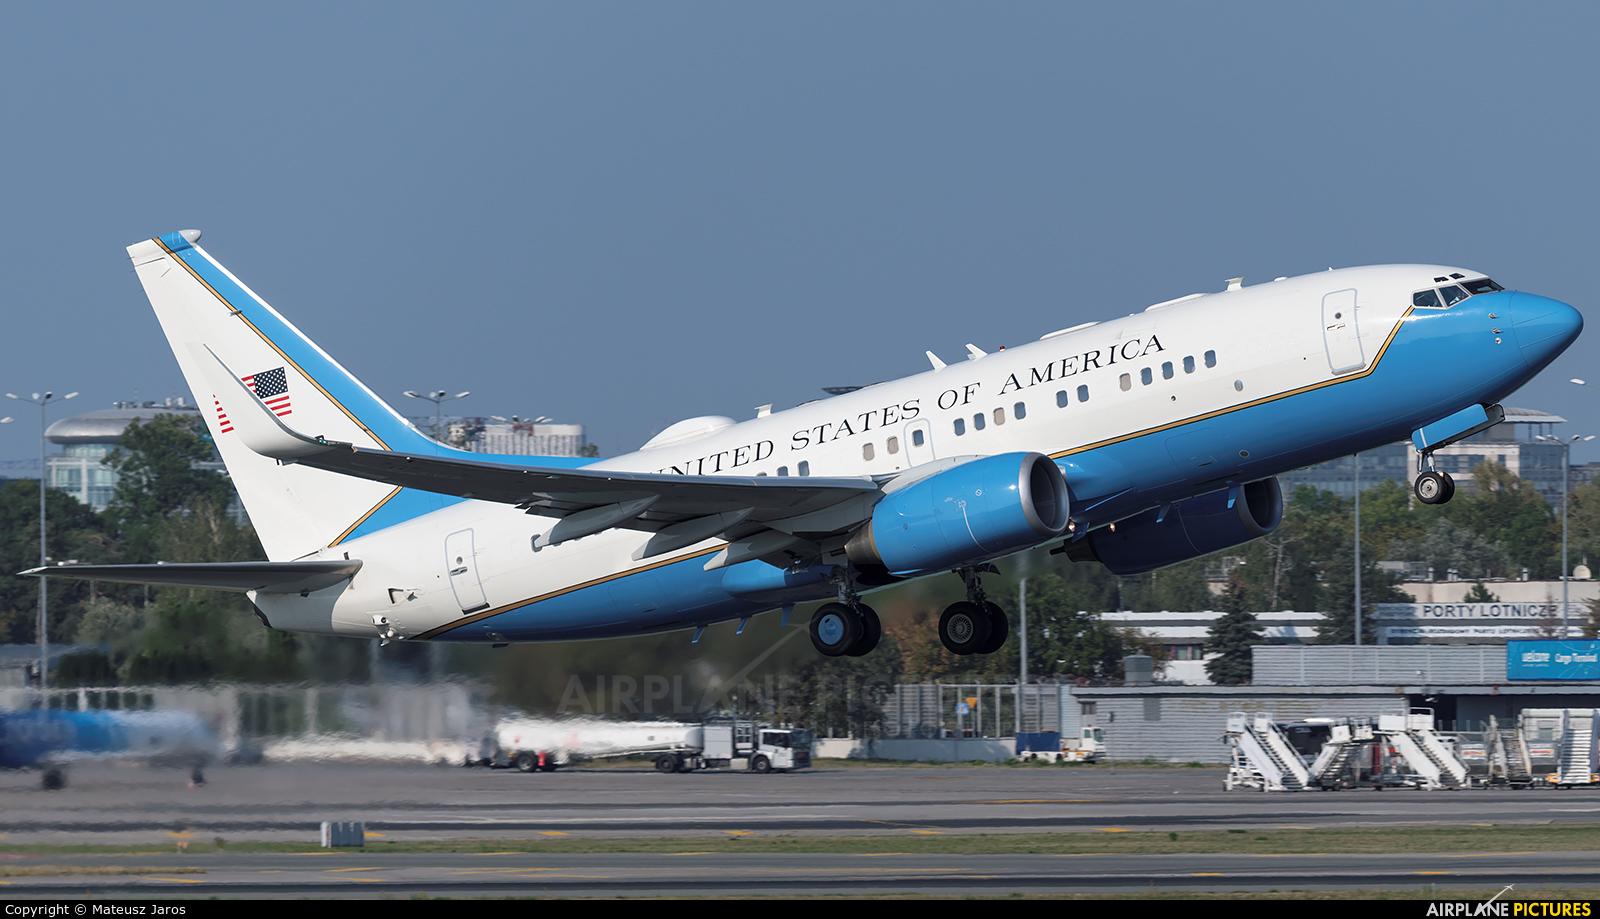 USA - Air Force 01-0040 aircraft at Warsaw - Frederic Chopin